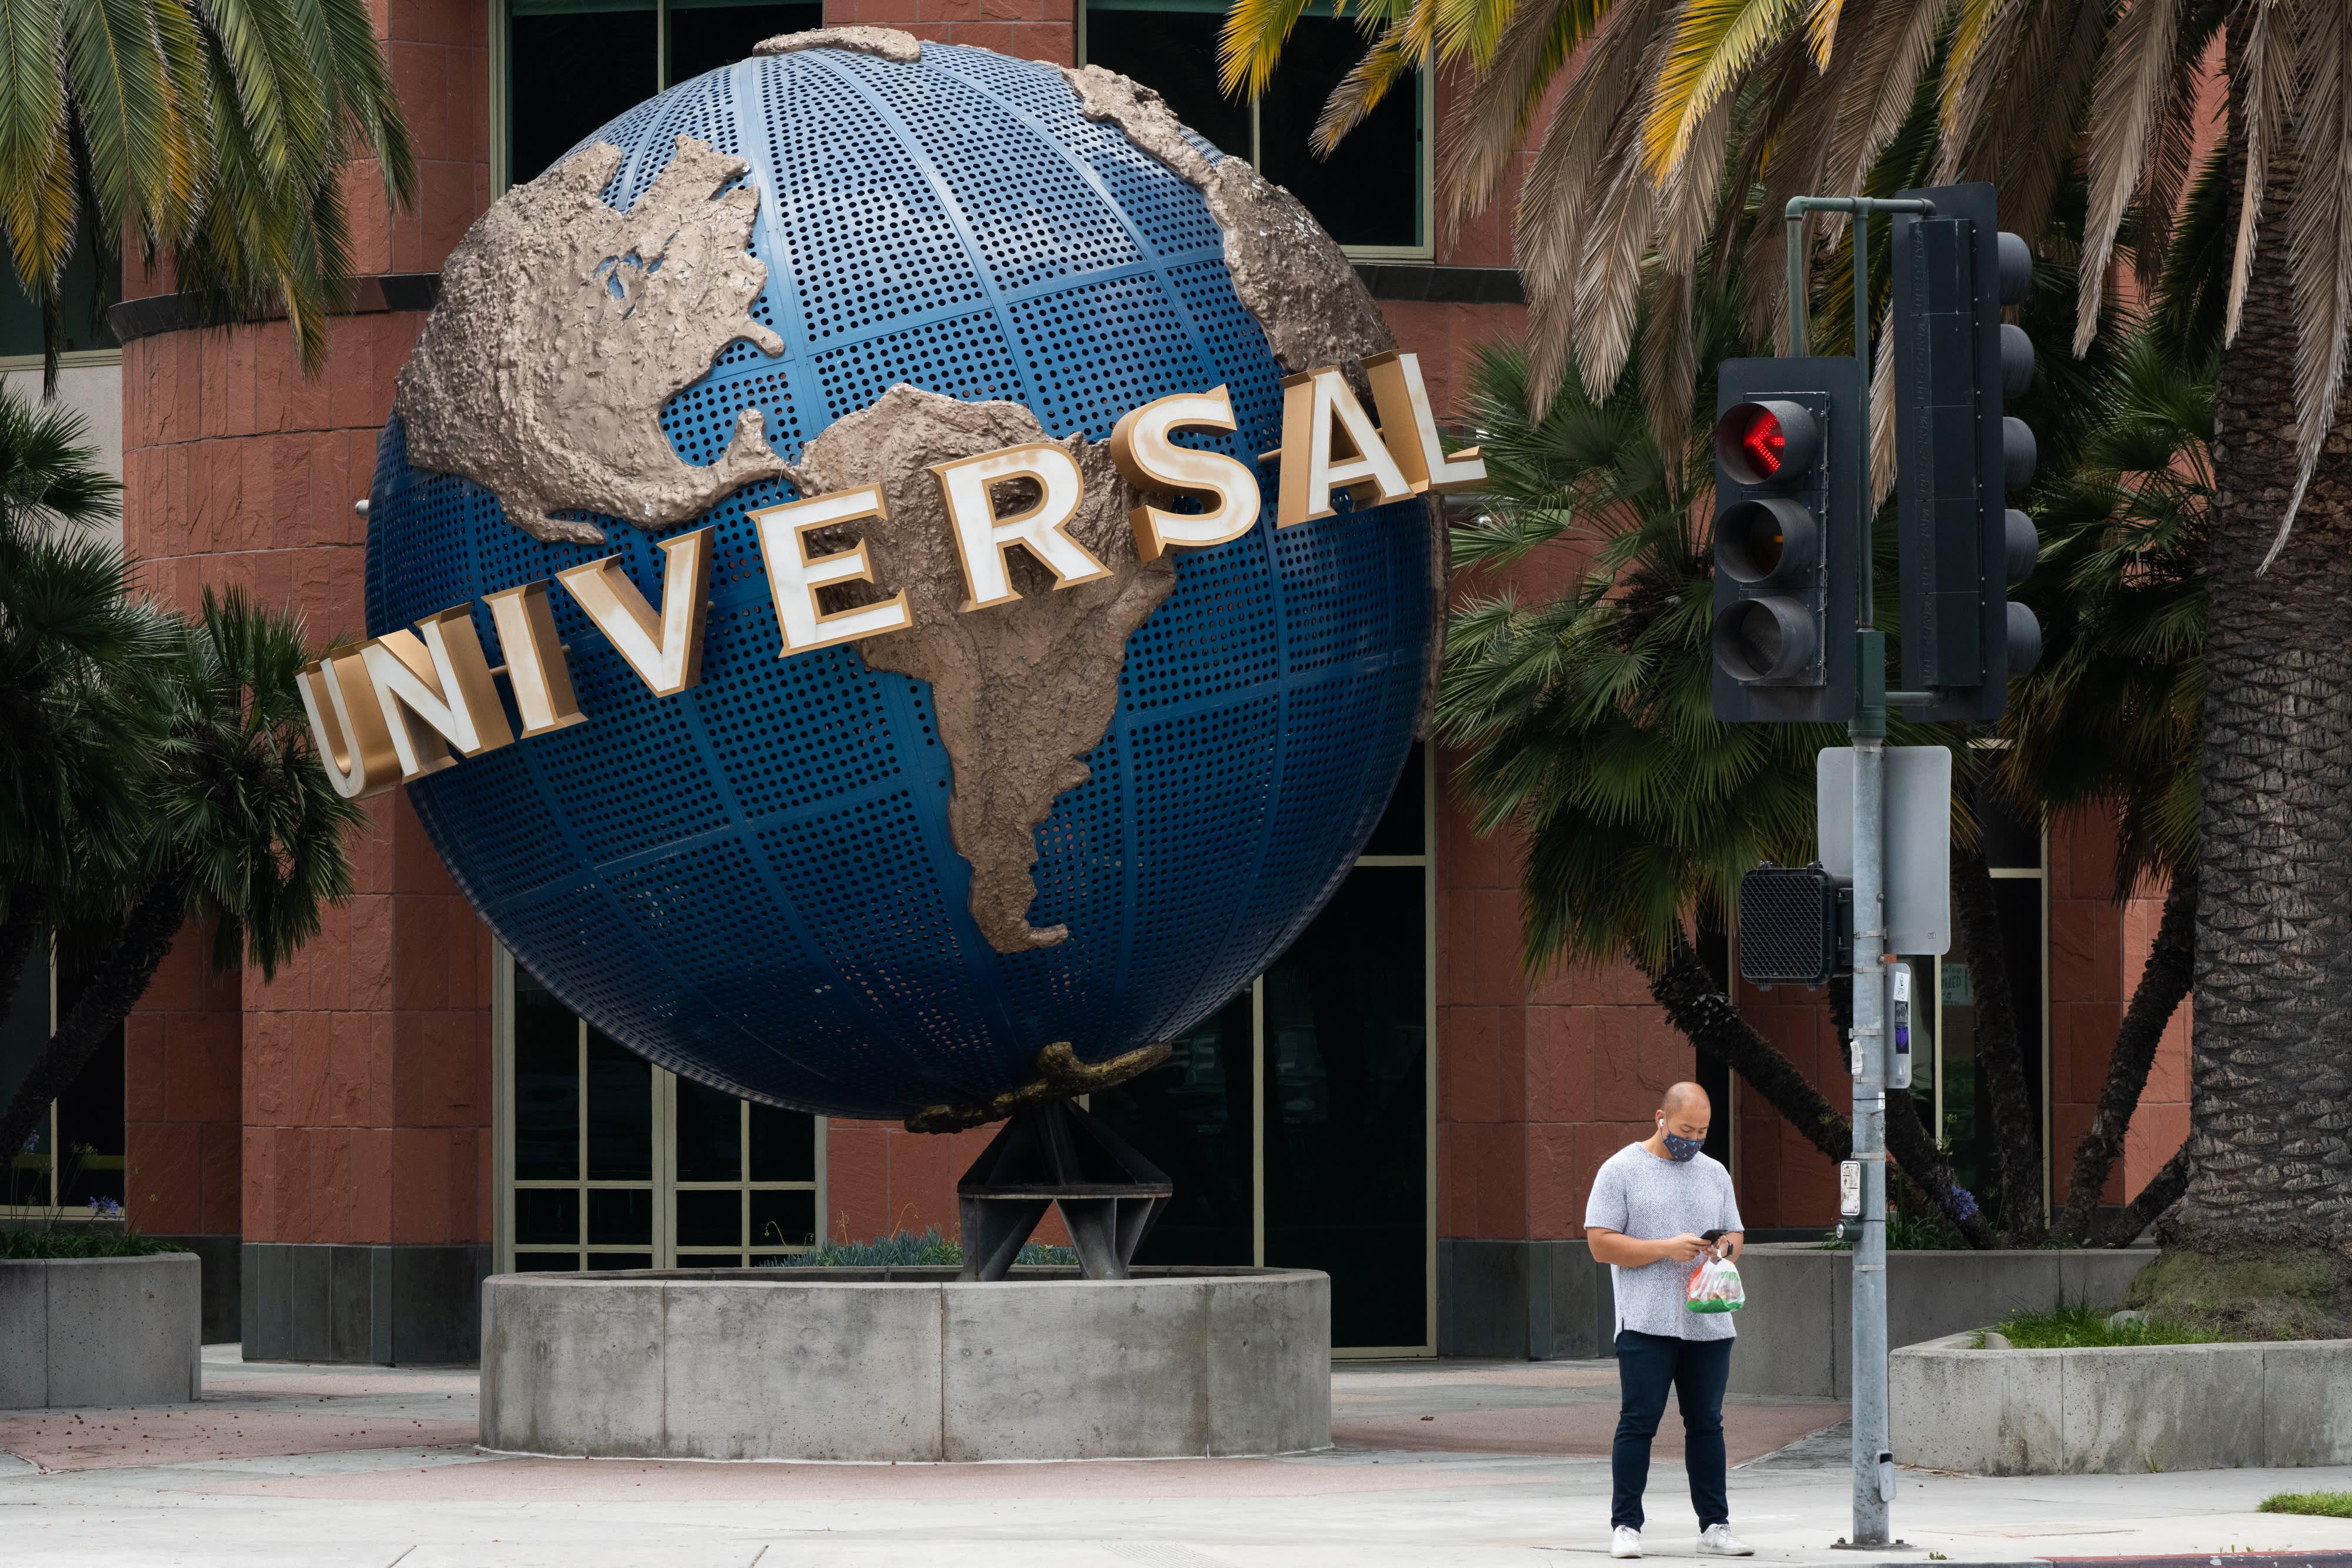 Vivendi awaits key shareholder vote on Universal Music Group spin-off